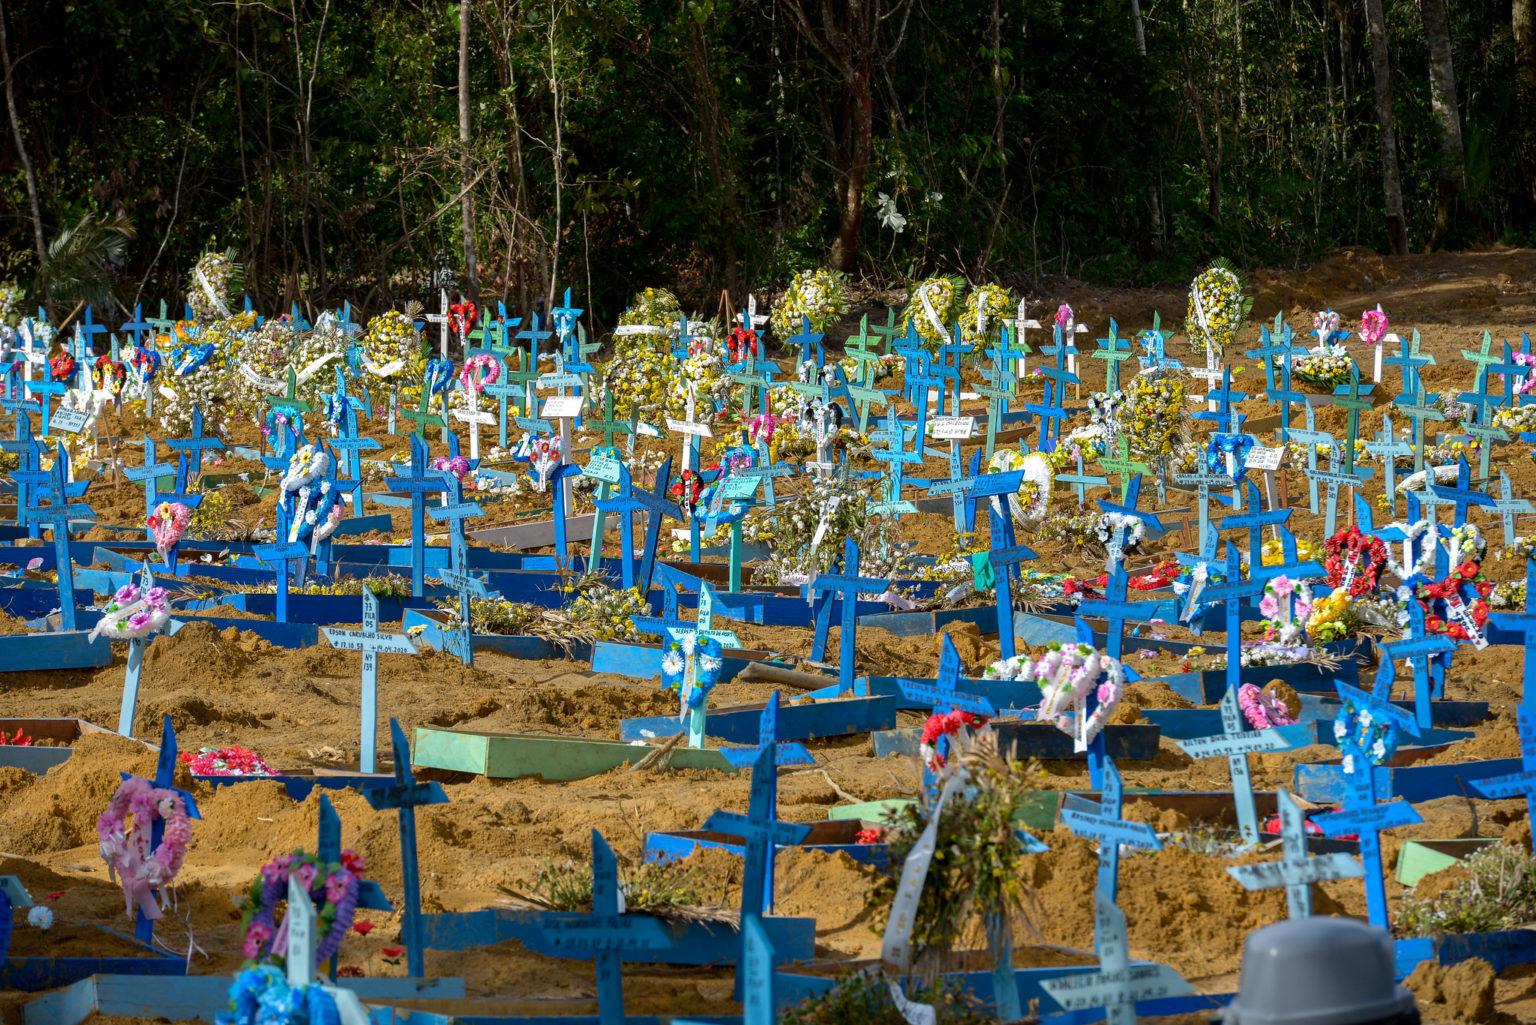 Cemitério Público Nossa Senhora Aparecida, em Manaus. Foto: Alex Pazuello/Semcom